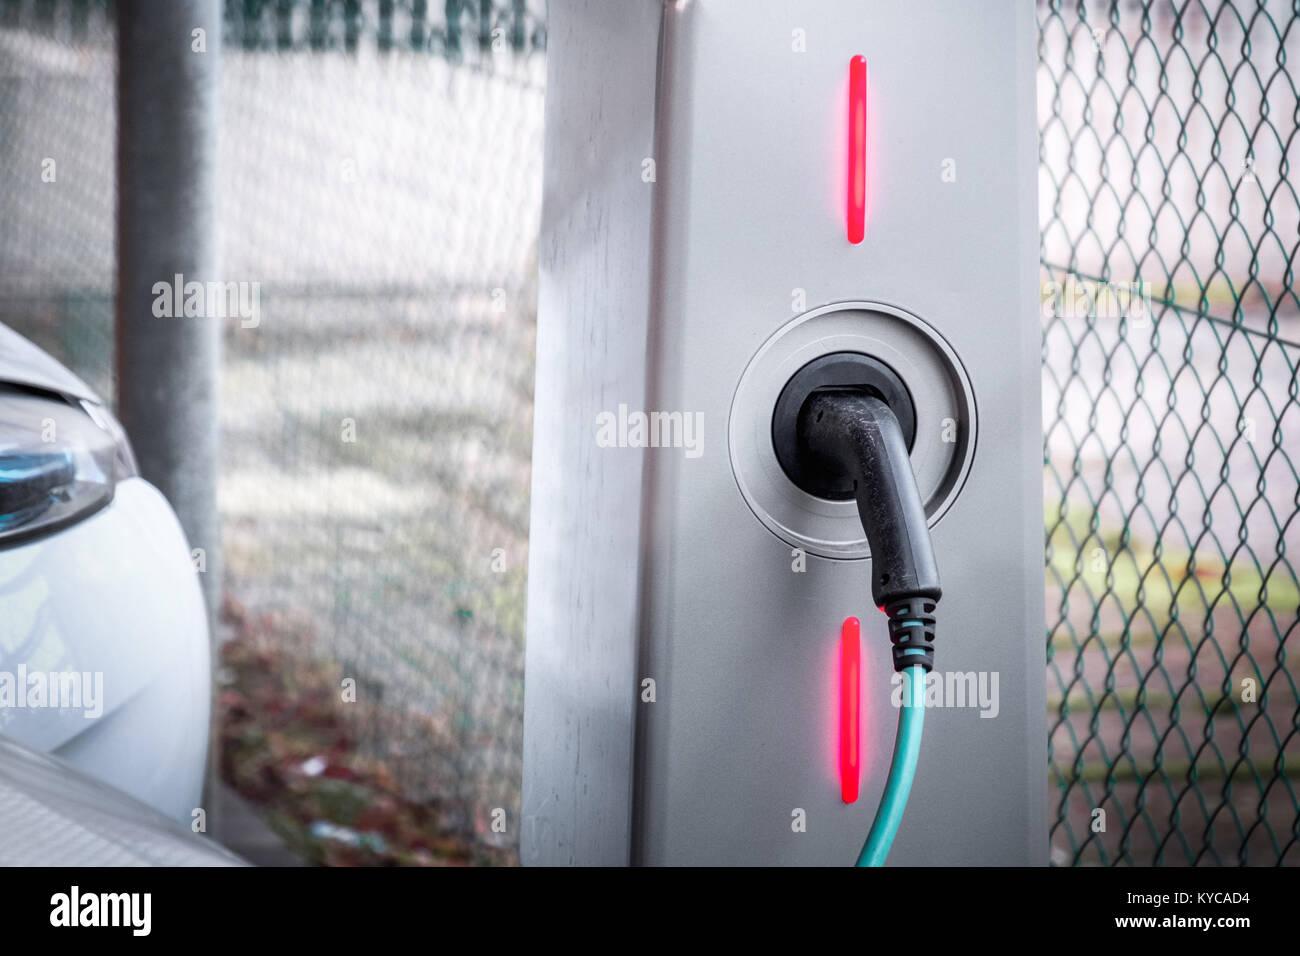 Stazione di ricarica auto elettrica ecologicamente motore trasporto sostenibile Immagini Stock